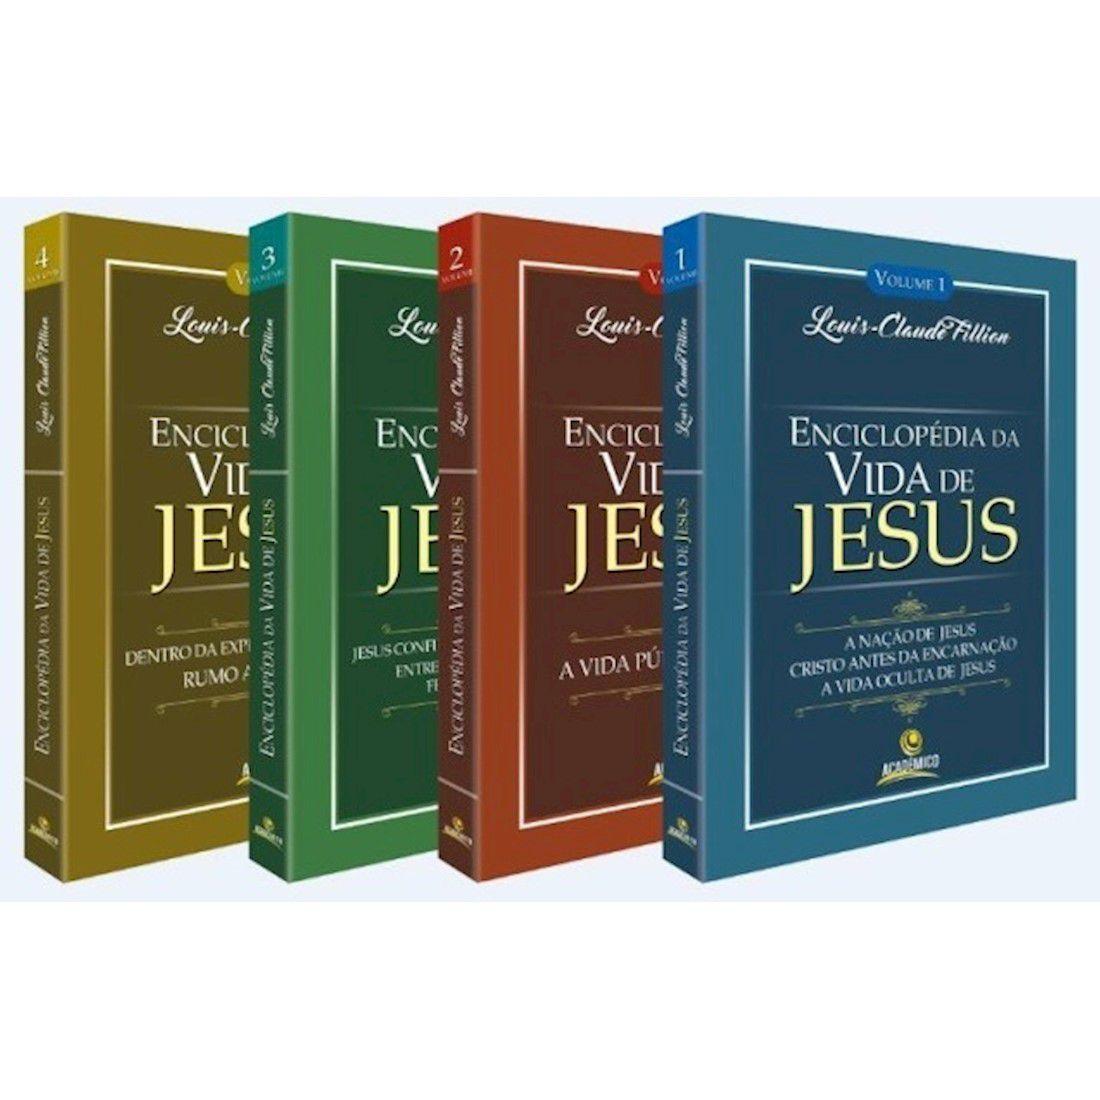 Livro Enciclopédia da Vida de Jesus - 4 Volumes